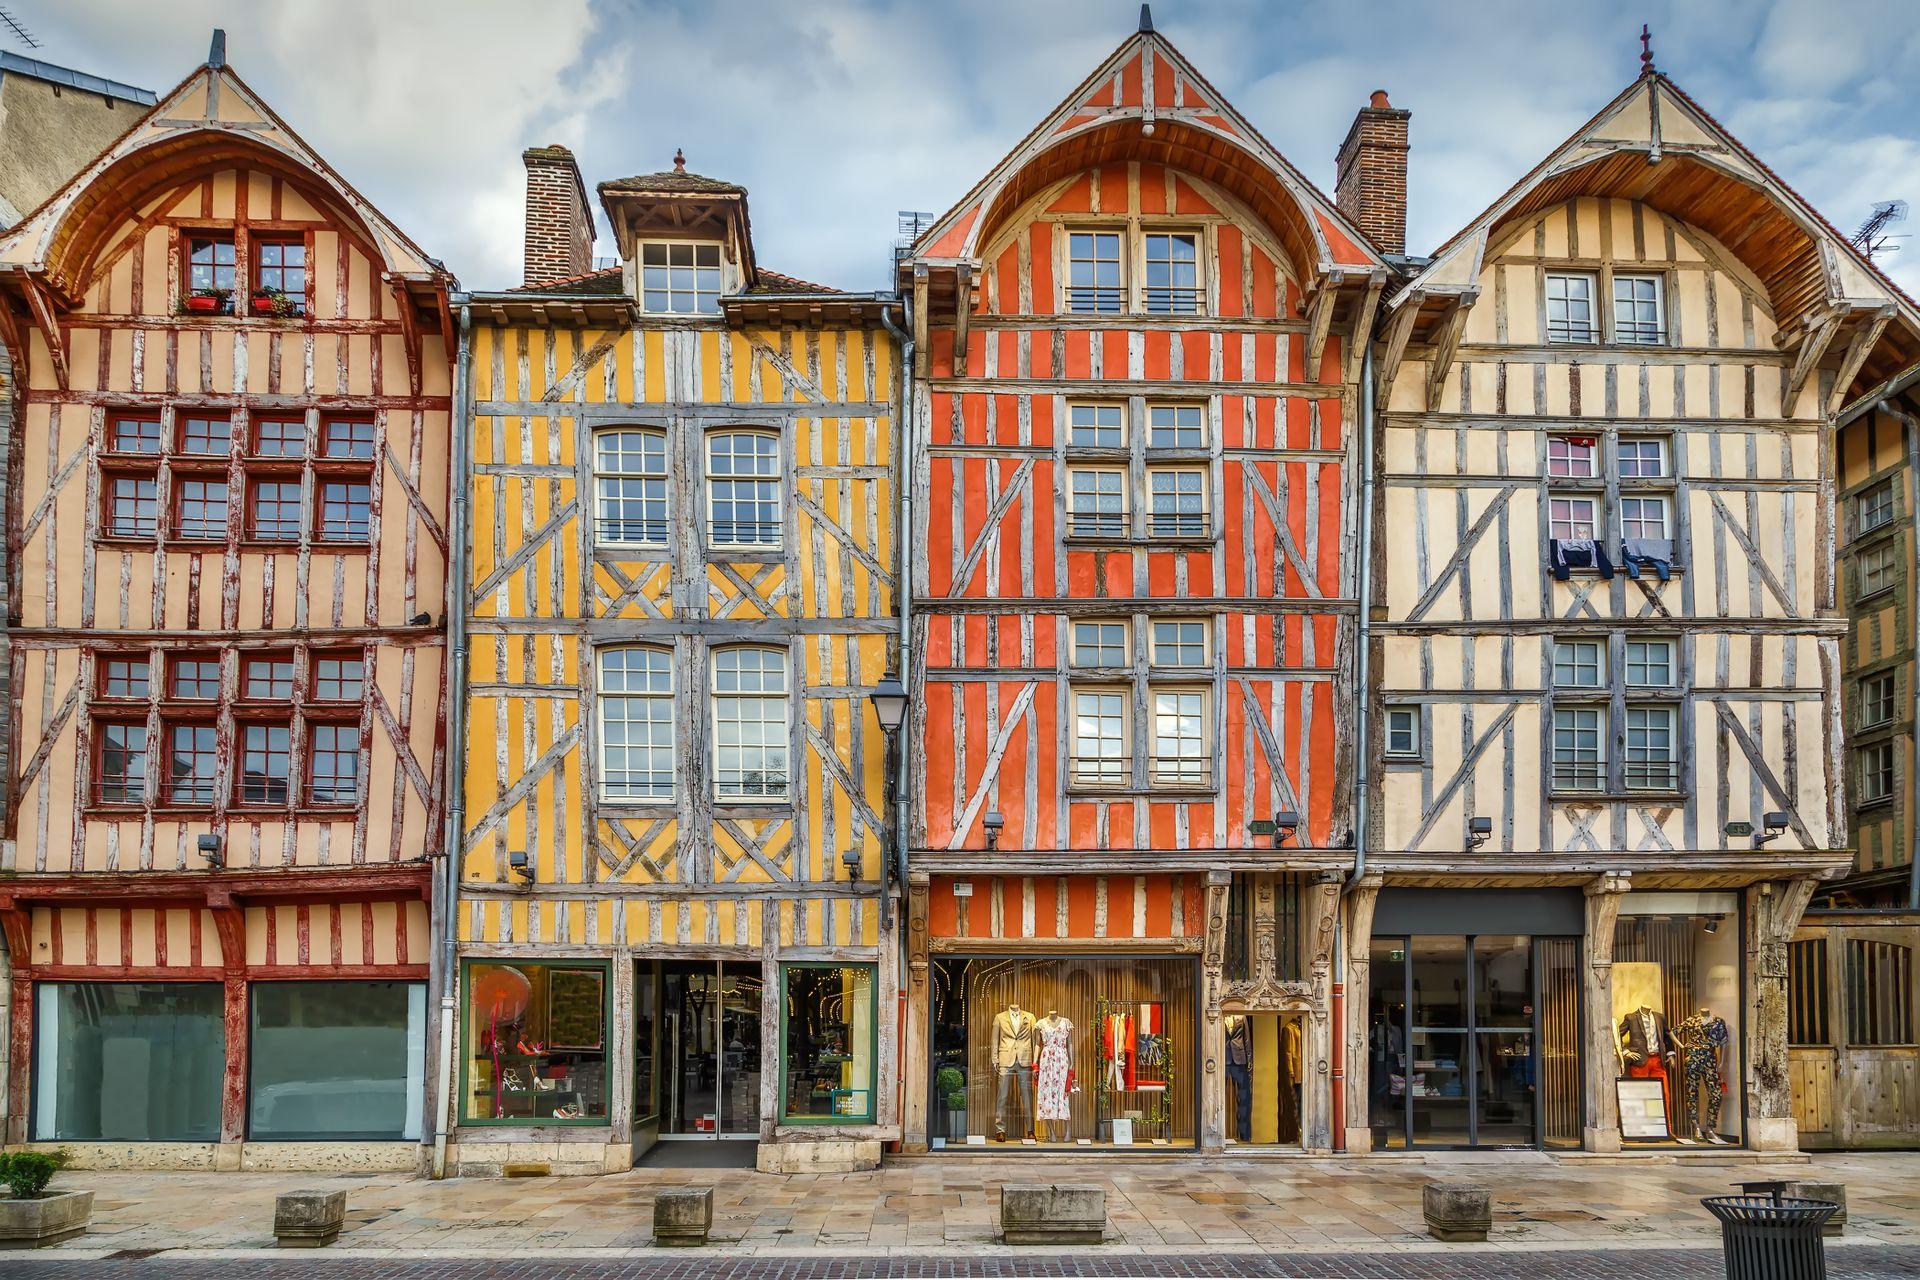 A una hora y media de París en tren, Troyes recibía unos 4,5 millones de visitantes cada año